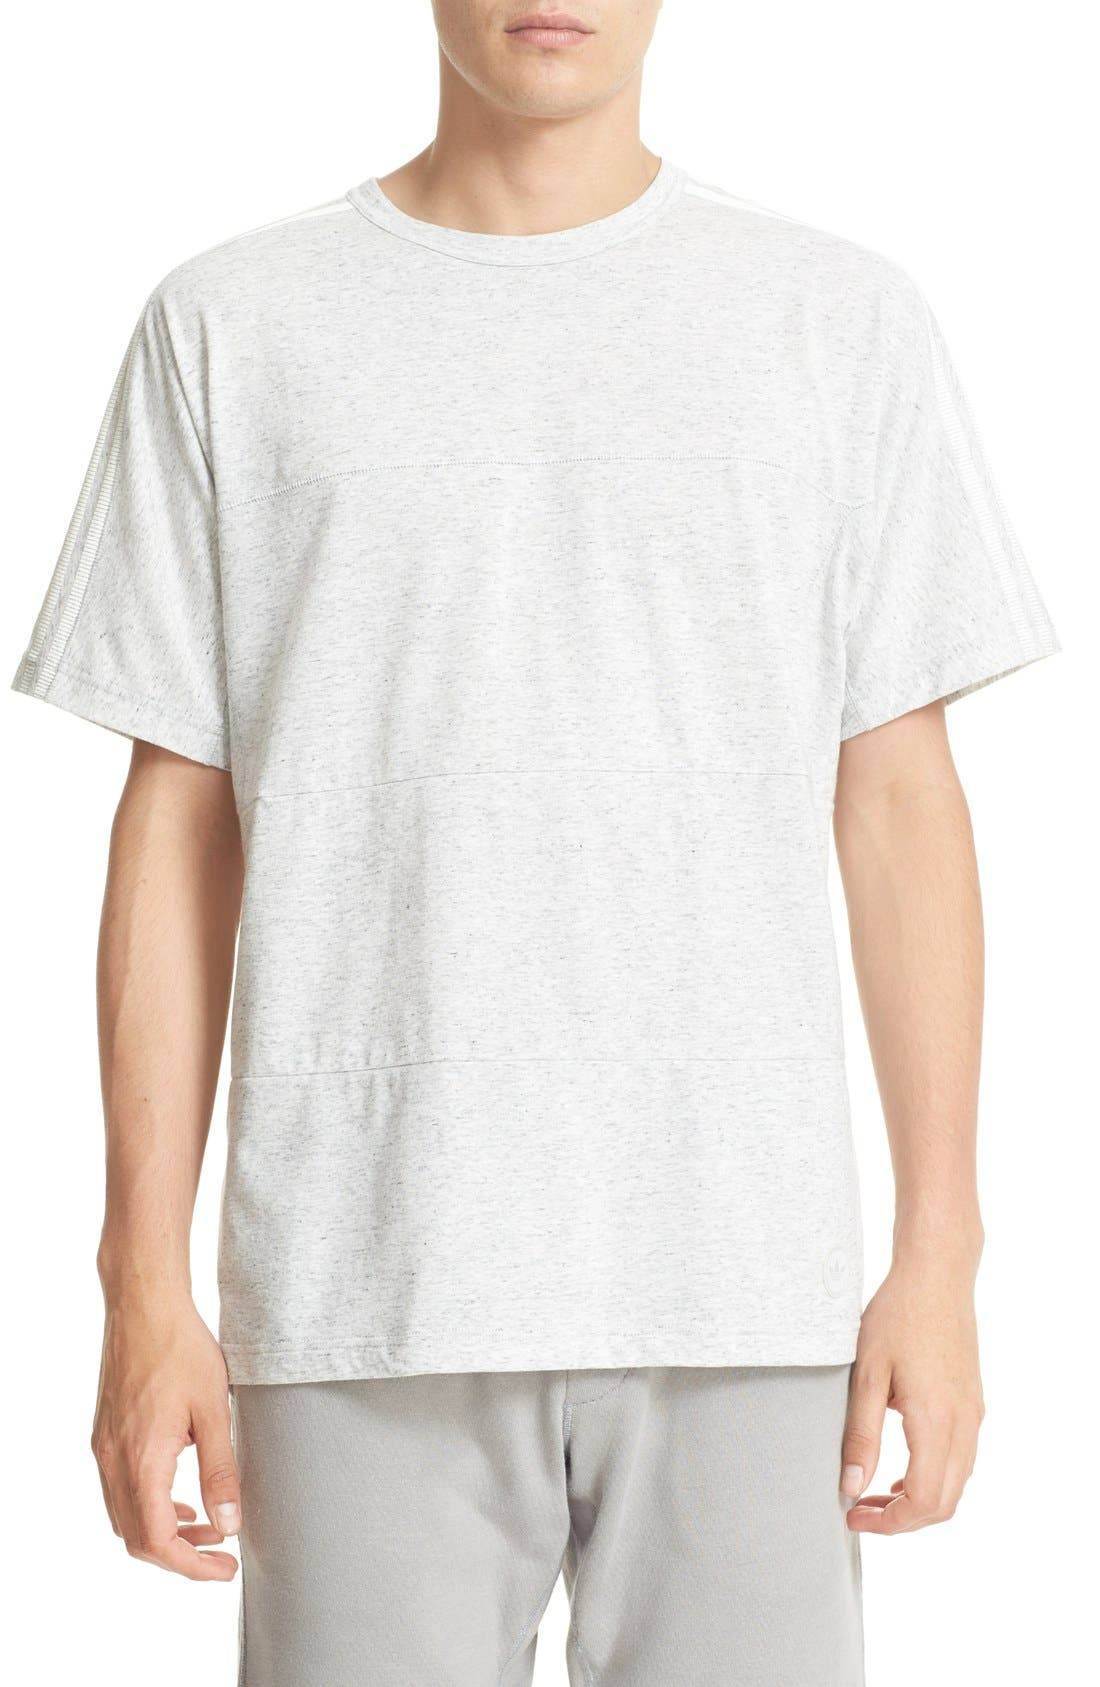 wings + horns x adidas Cotton Blend T-Shirt